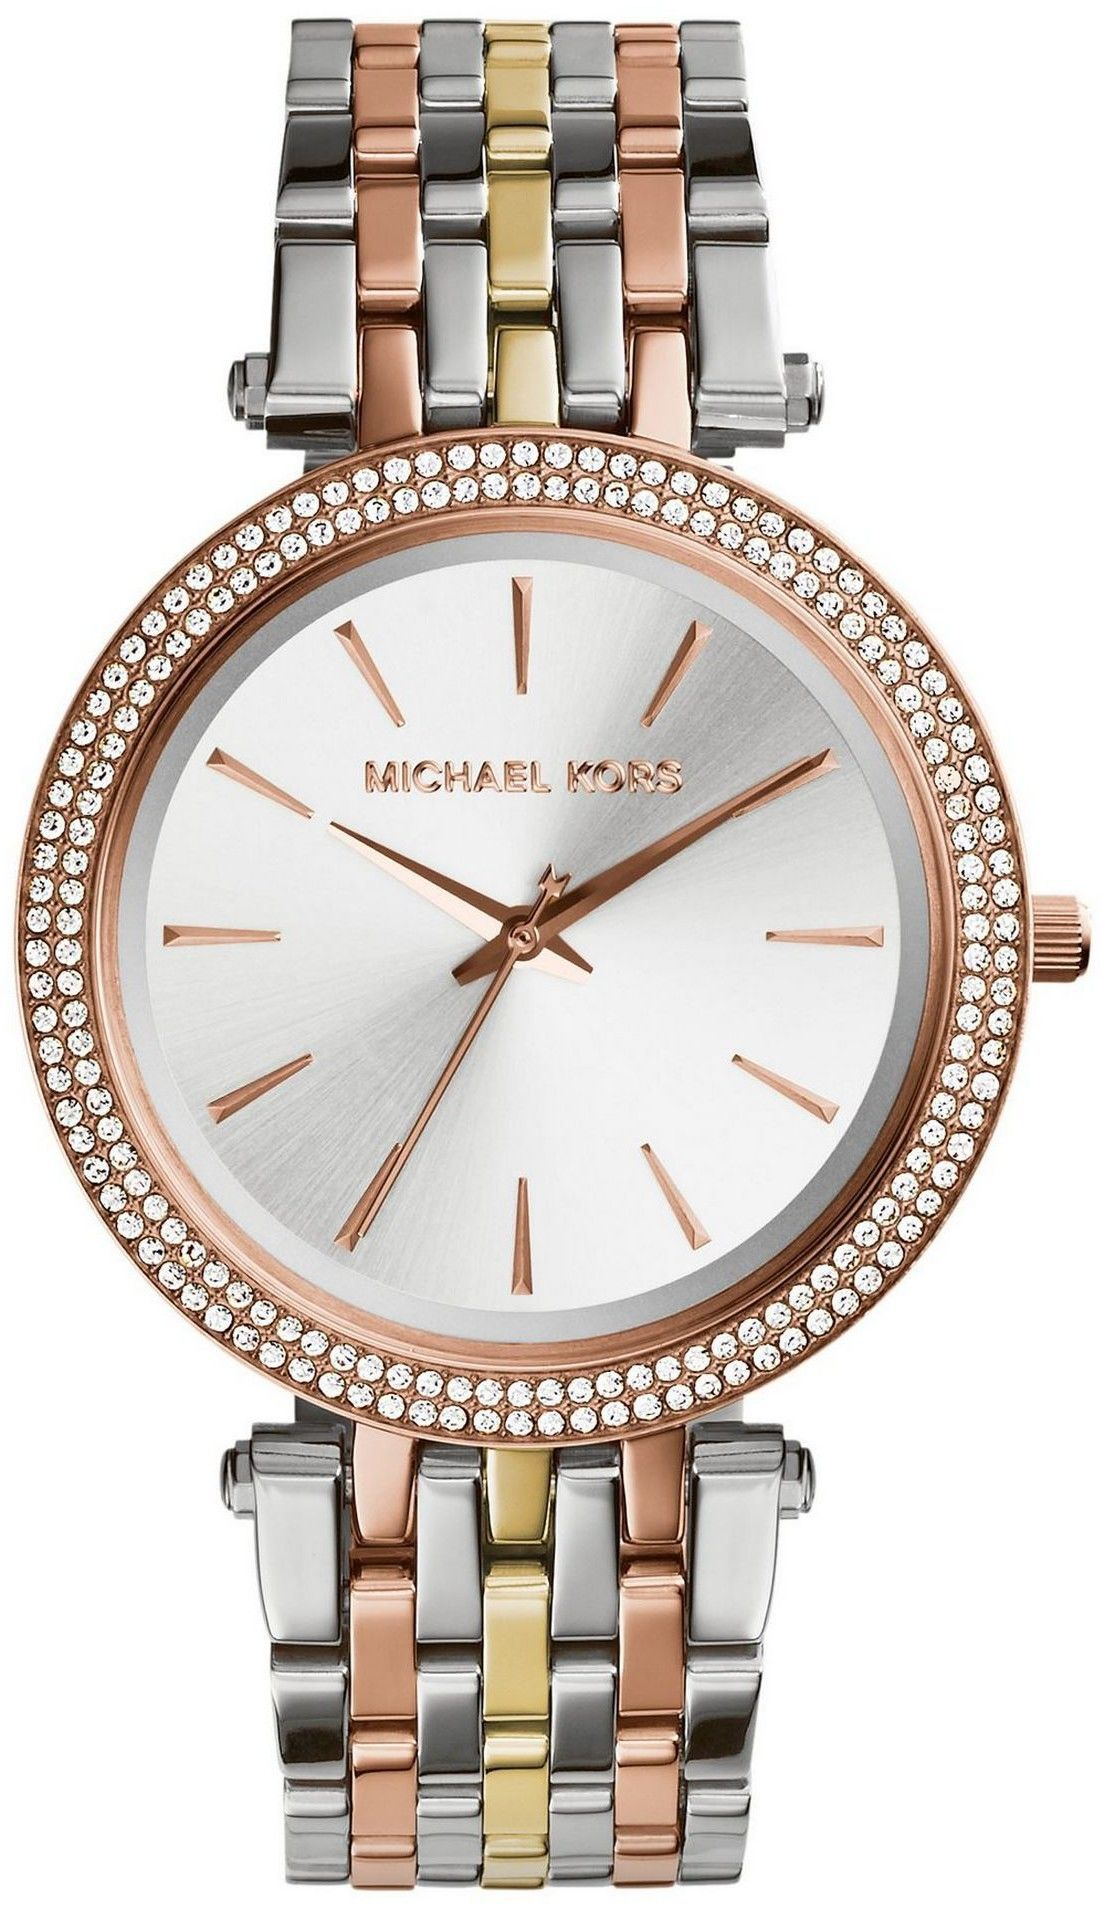 Zegarek Michael Kors MK3203 DARCI - CENA DO NEGOCJACJI - DOSTAWA DHL GRATIS, KUPUJ BEZ RYZYKA - 100 dni na zwrot, możliwość wygrawerowania dowolnego tekstu.